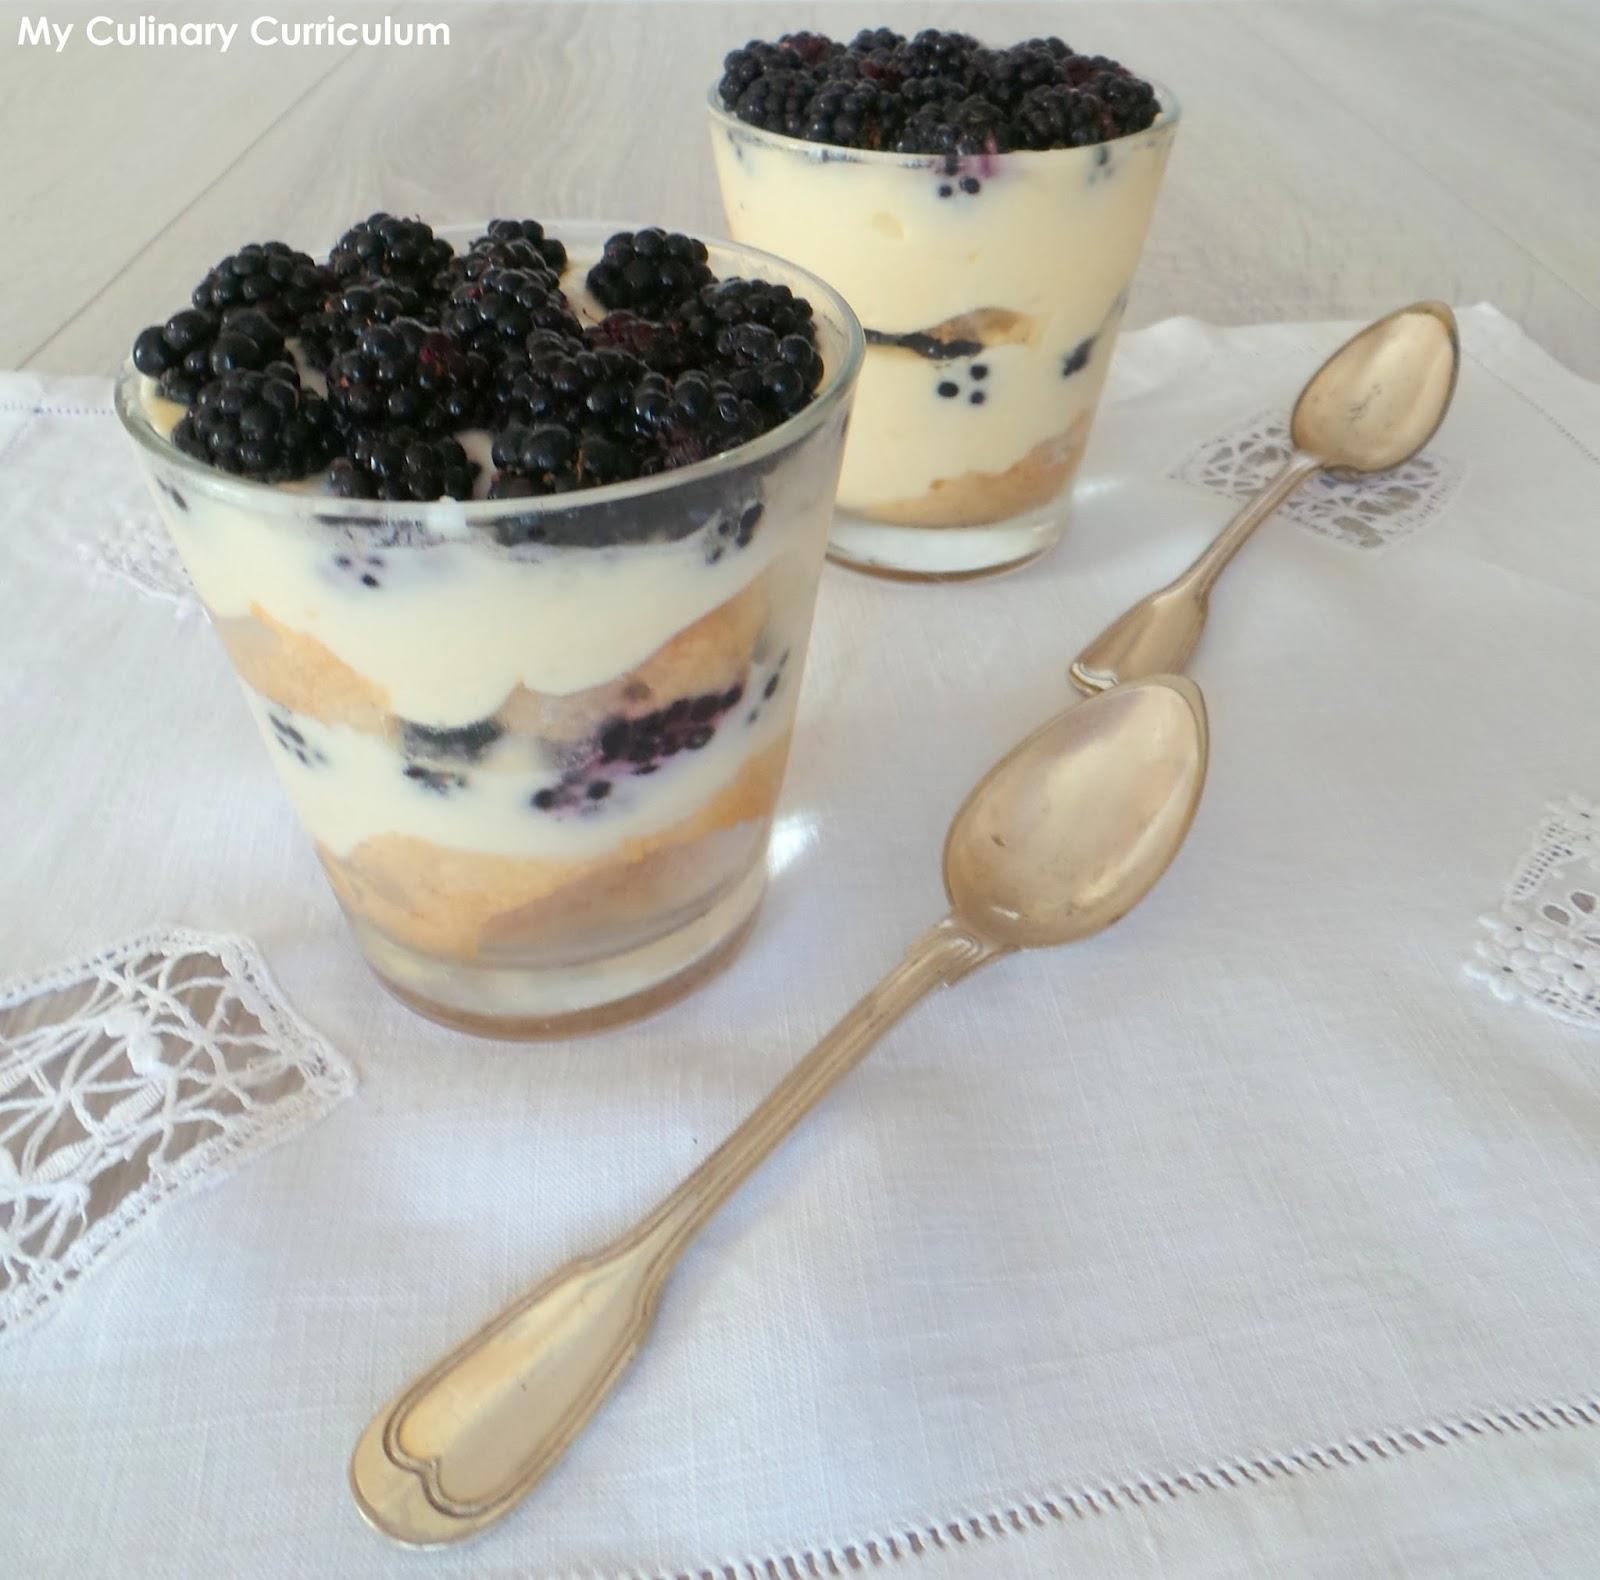 my culinary curriculum tiramisu aux m res blackberries tiramisu. Black Bedroom Furniture Sets. Home Design Ideas